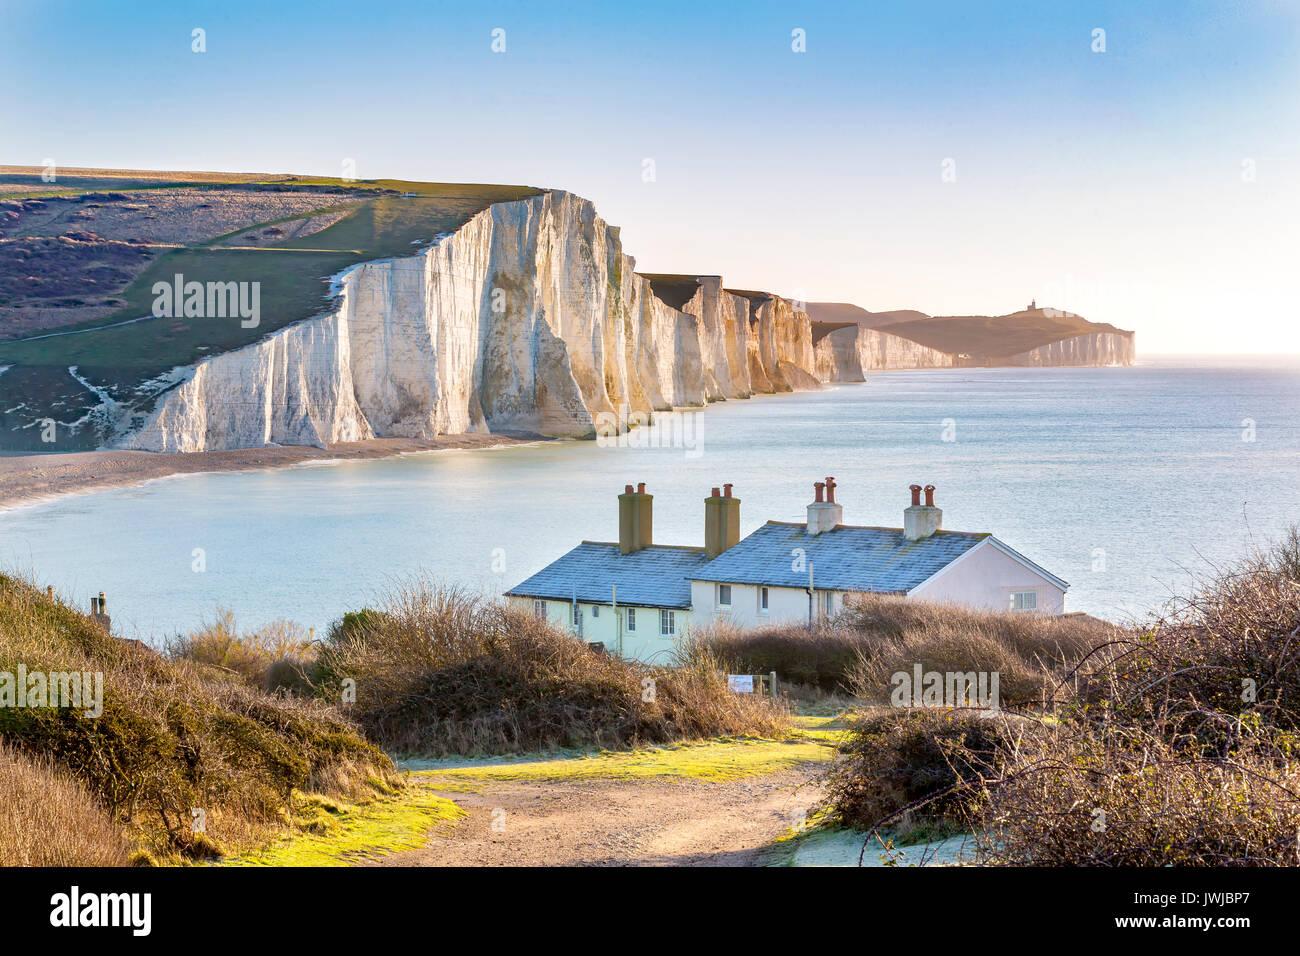 El Servicio de Guardacostas Cottages & Siete Hermanas Chalk acantilados justo en las afueras de Eastbourne, Sussex, Inglaterra, Reino Unido. Imagen De Stock